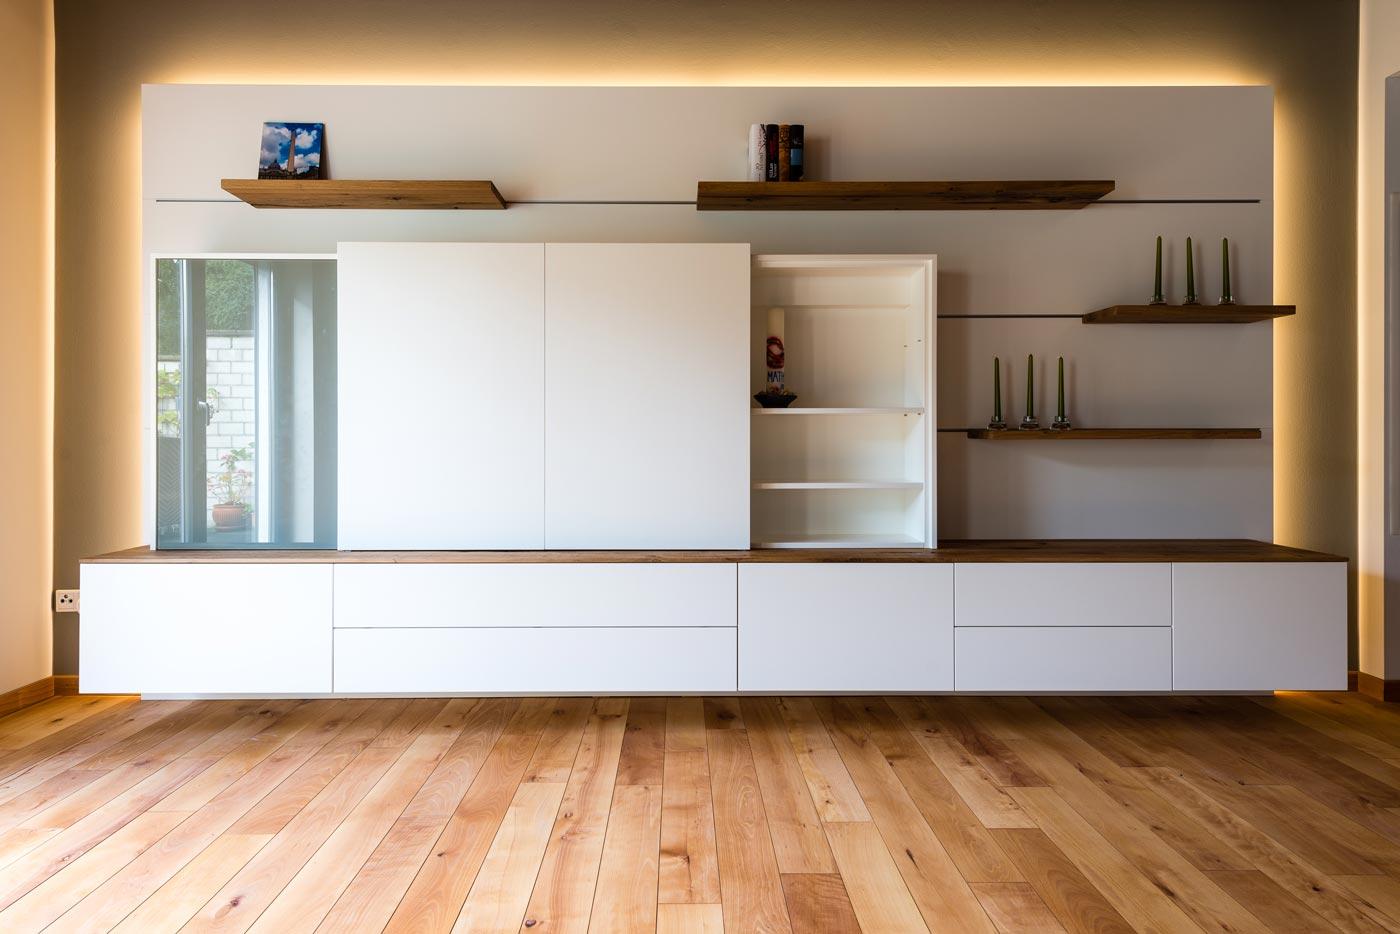 wohnwand mit beleuchtung rotte die tischlerei. Black Bedroom Furniture Sets. Home Design Ideas